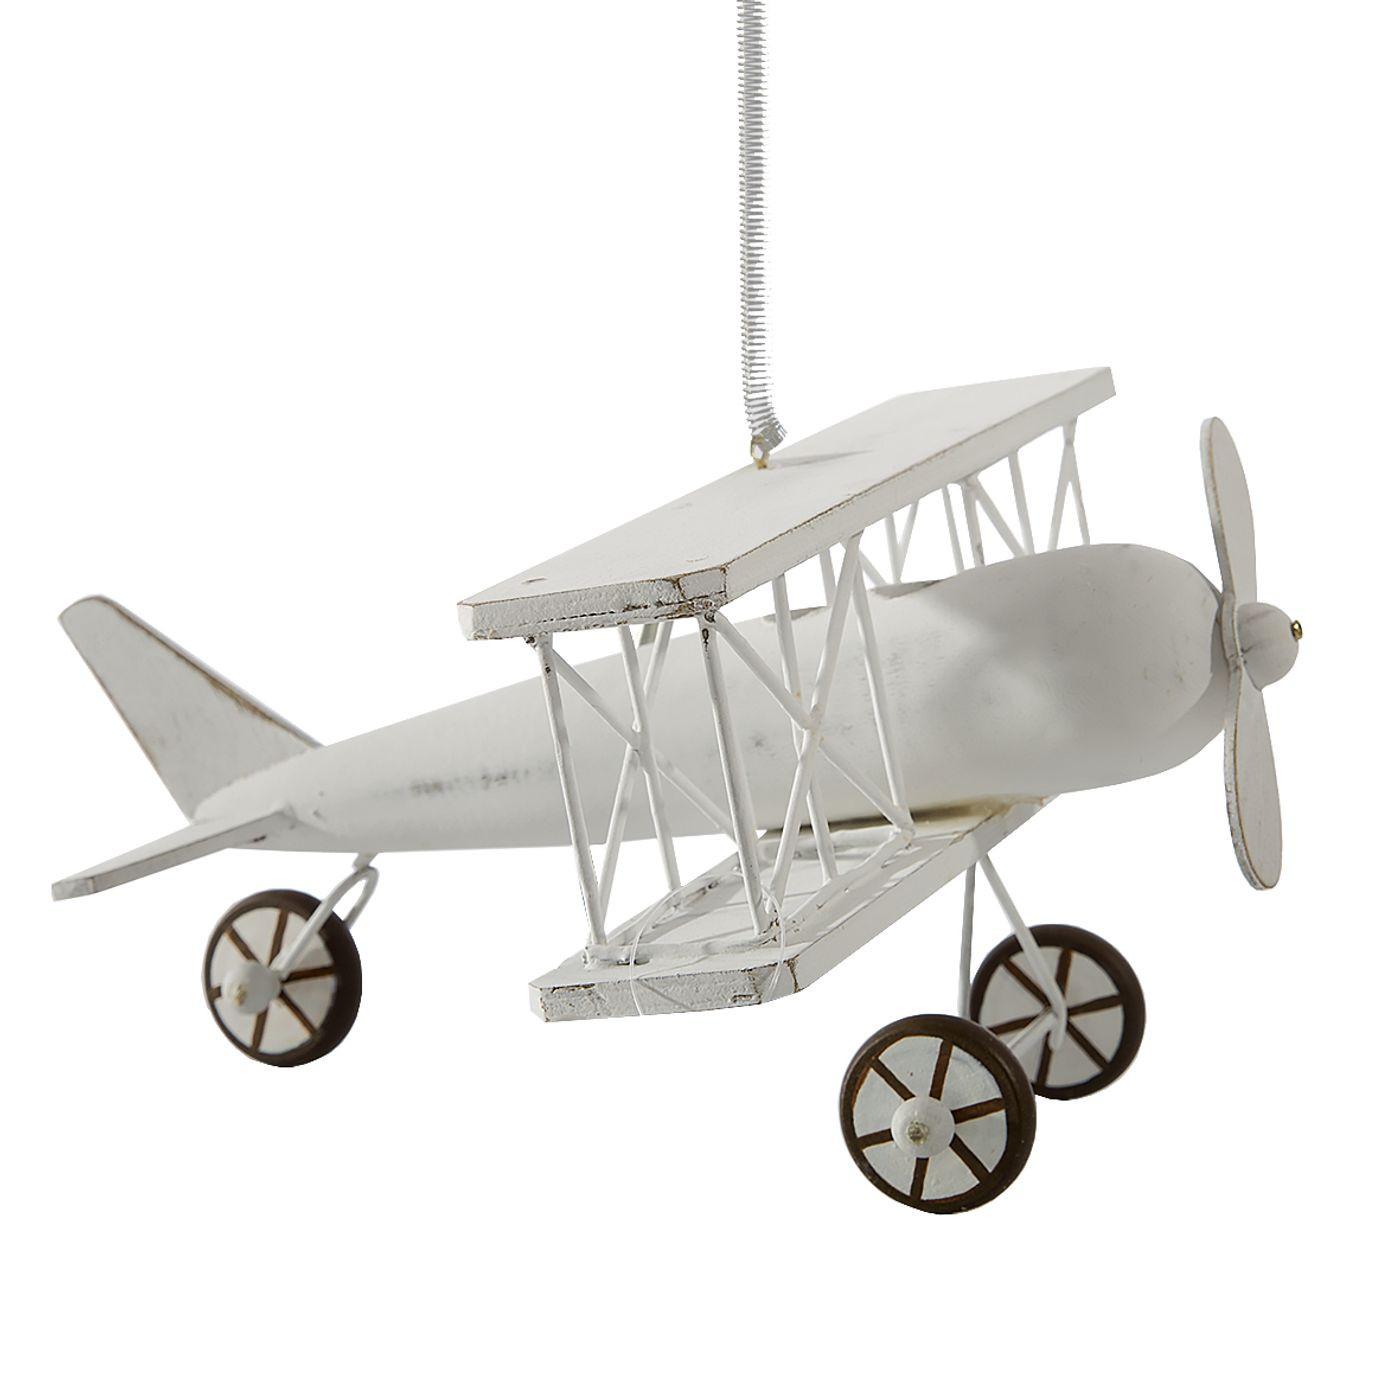 Figurka dekoracyjna samolot drewno 16 x 19 x 10 cm